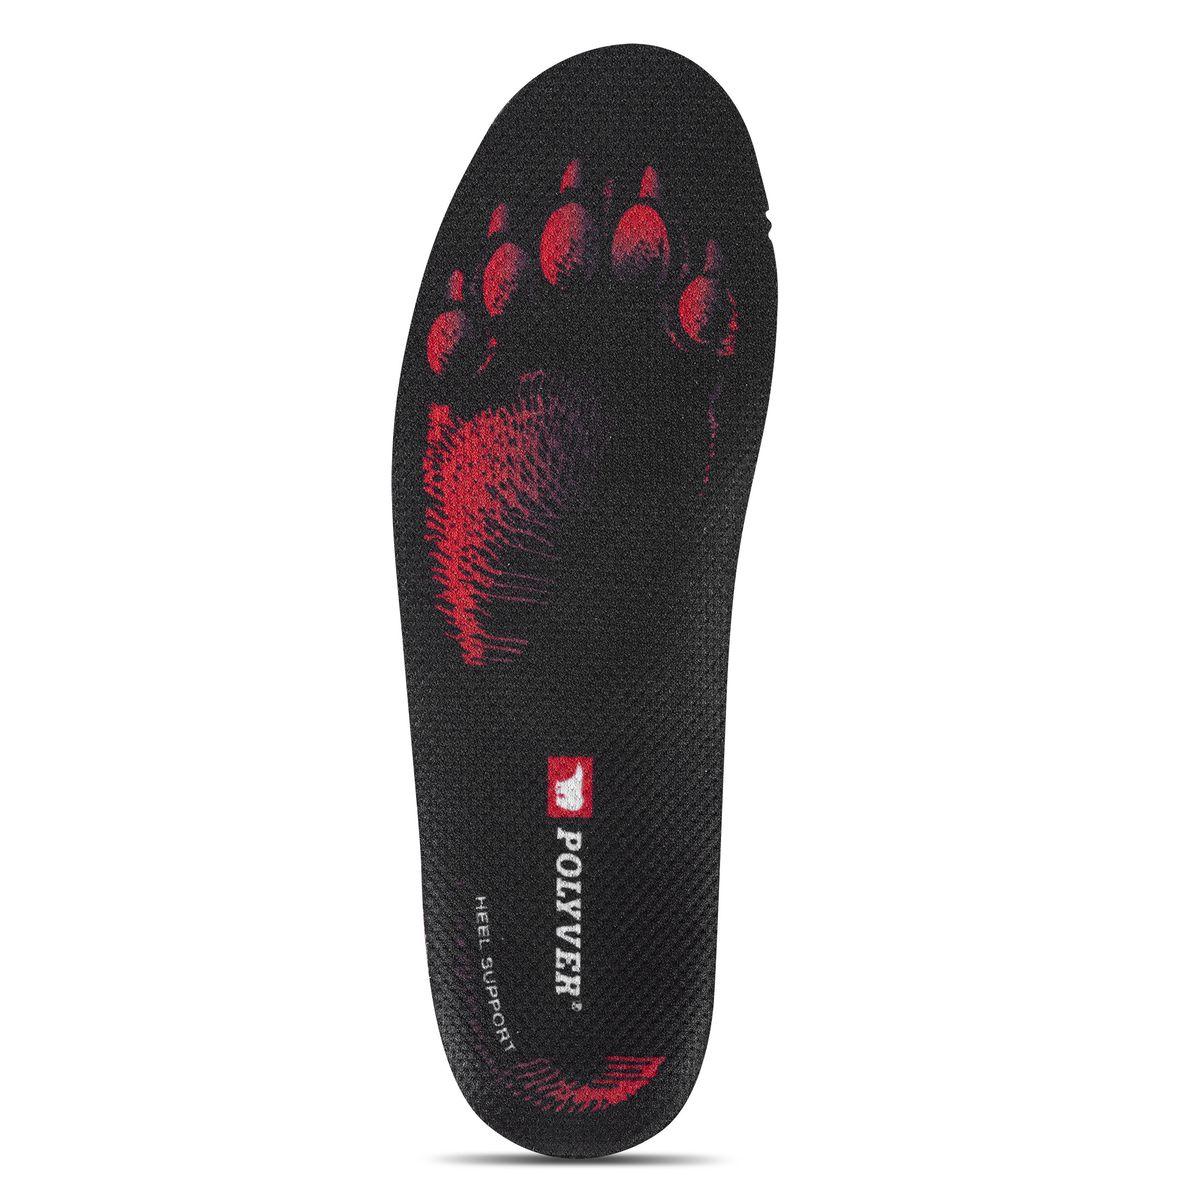 Стельки мужские POLYVER PREMIUM, цвет: красно-черный. Размер: 44-45262588745Термоизоляционные стельки Polyver отлично защищают ноги от холода при этом отводя лишнюю влагу. Стельки состоят из трех слоев: впитывающий влагу, амортизационный, термоизоляционный. Комфорт:- анатомическая форма с поддержкой пятки- стабилизация стопы для уменьшения боли с суставах- повышает устойчивость и уменьшает усталость - производятся только в Швеции